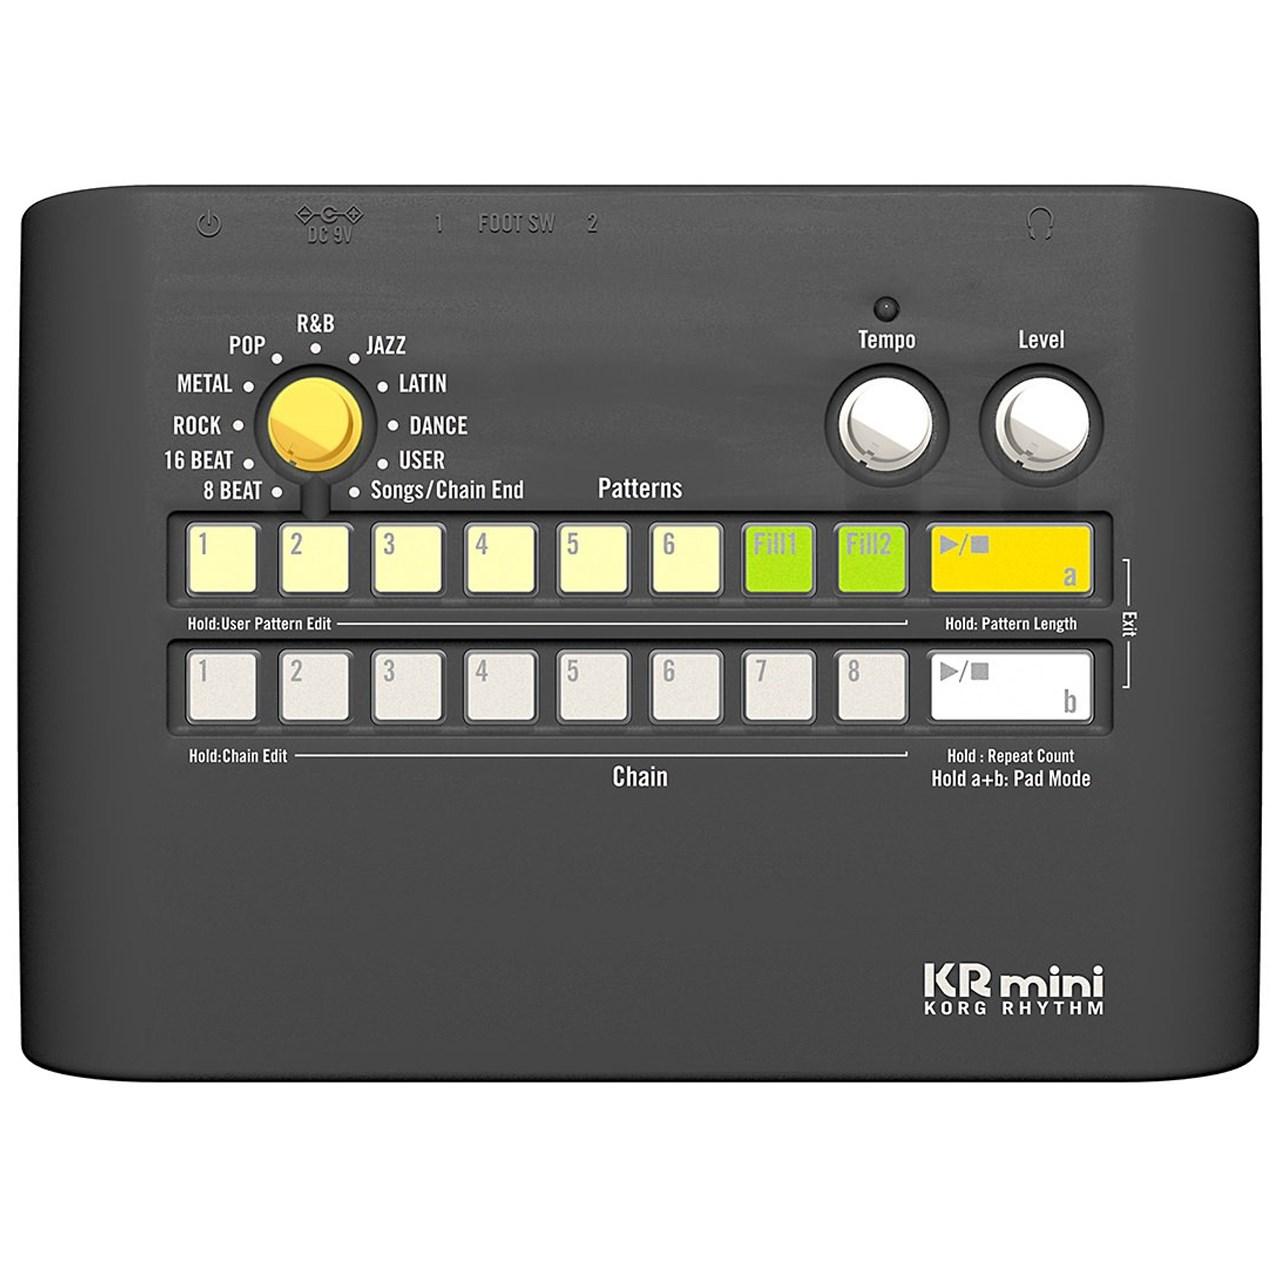 ریتم ماشین کرگ مدل KR-Mini